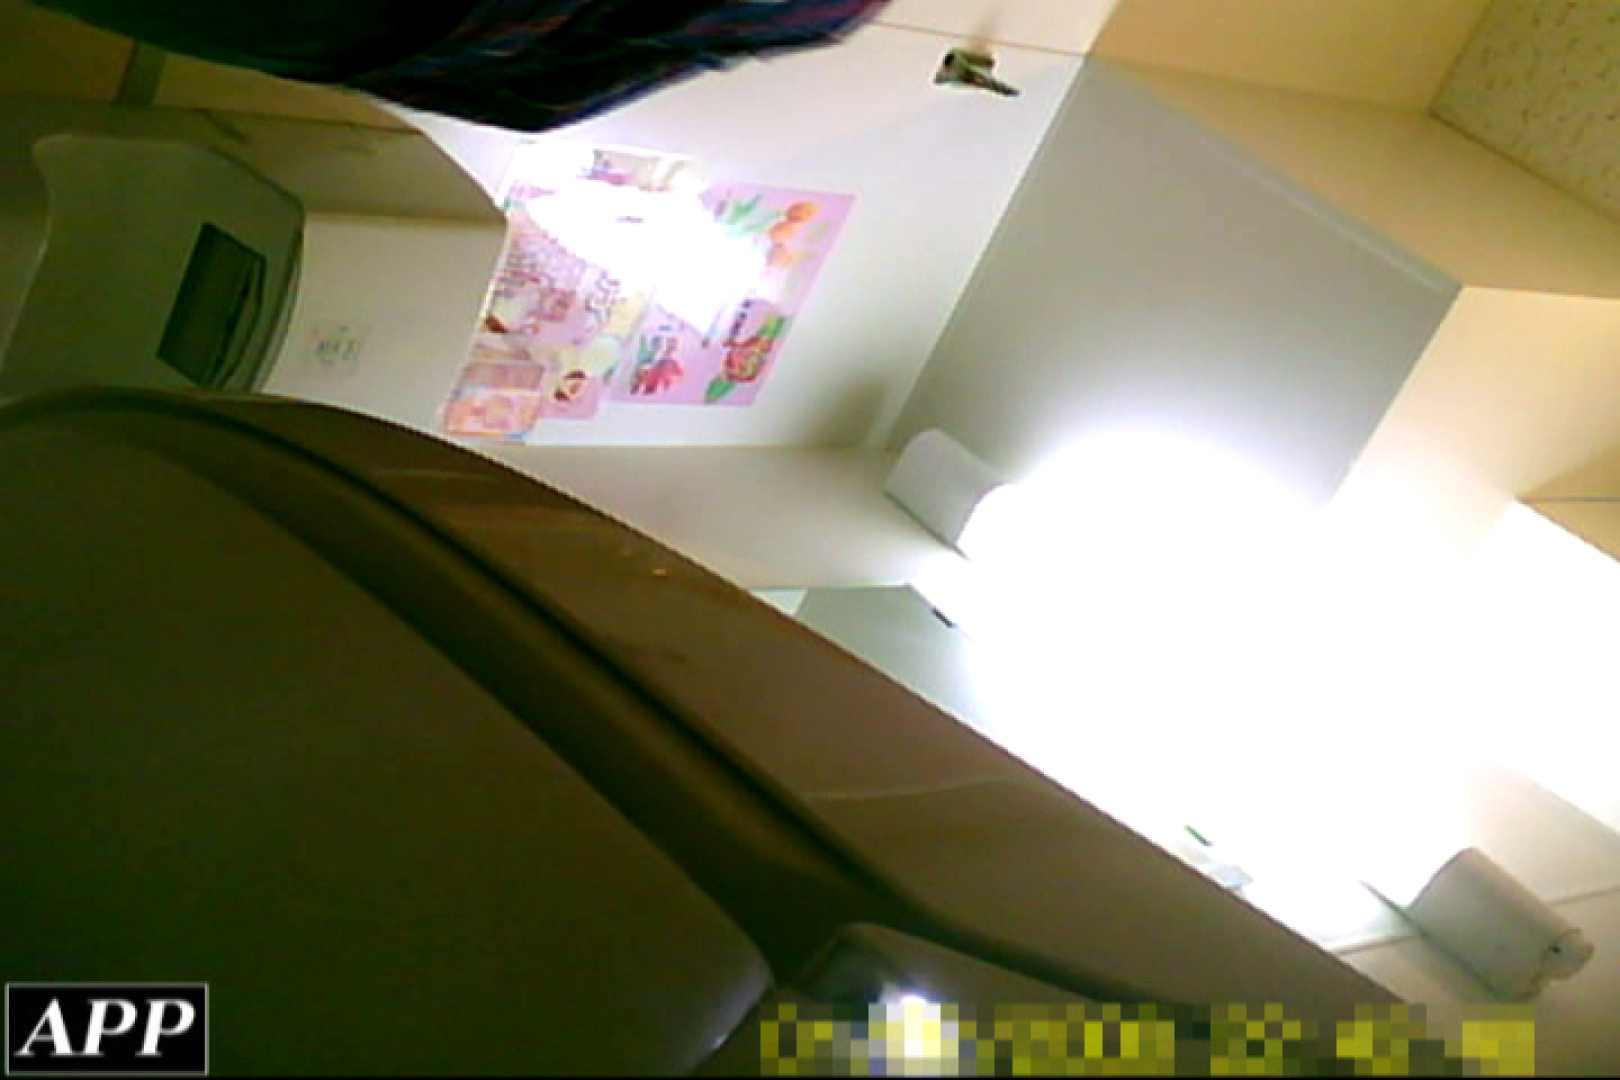 3視点洗面所 vol.109 洗面所突入 ワレメ動画紹介 86pic 10